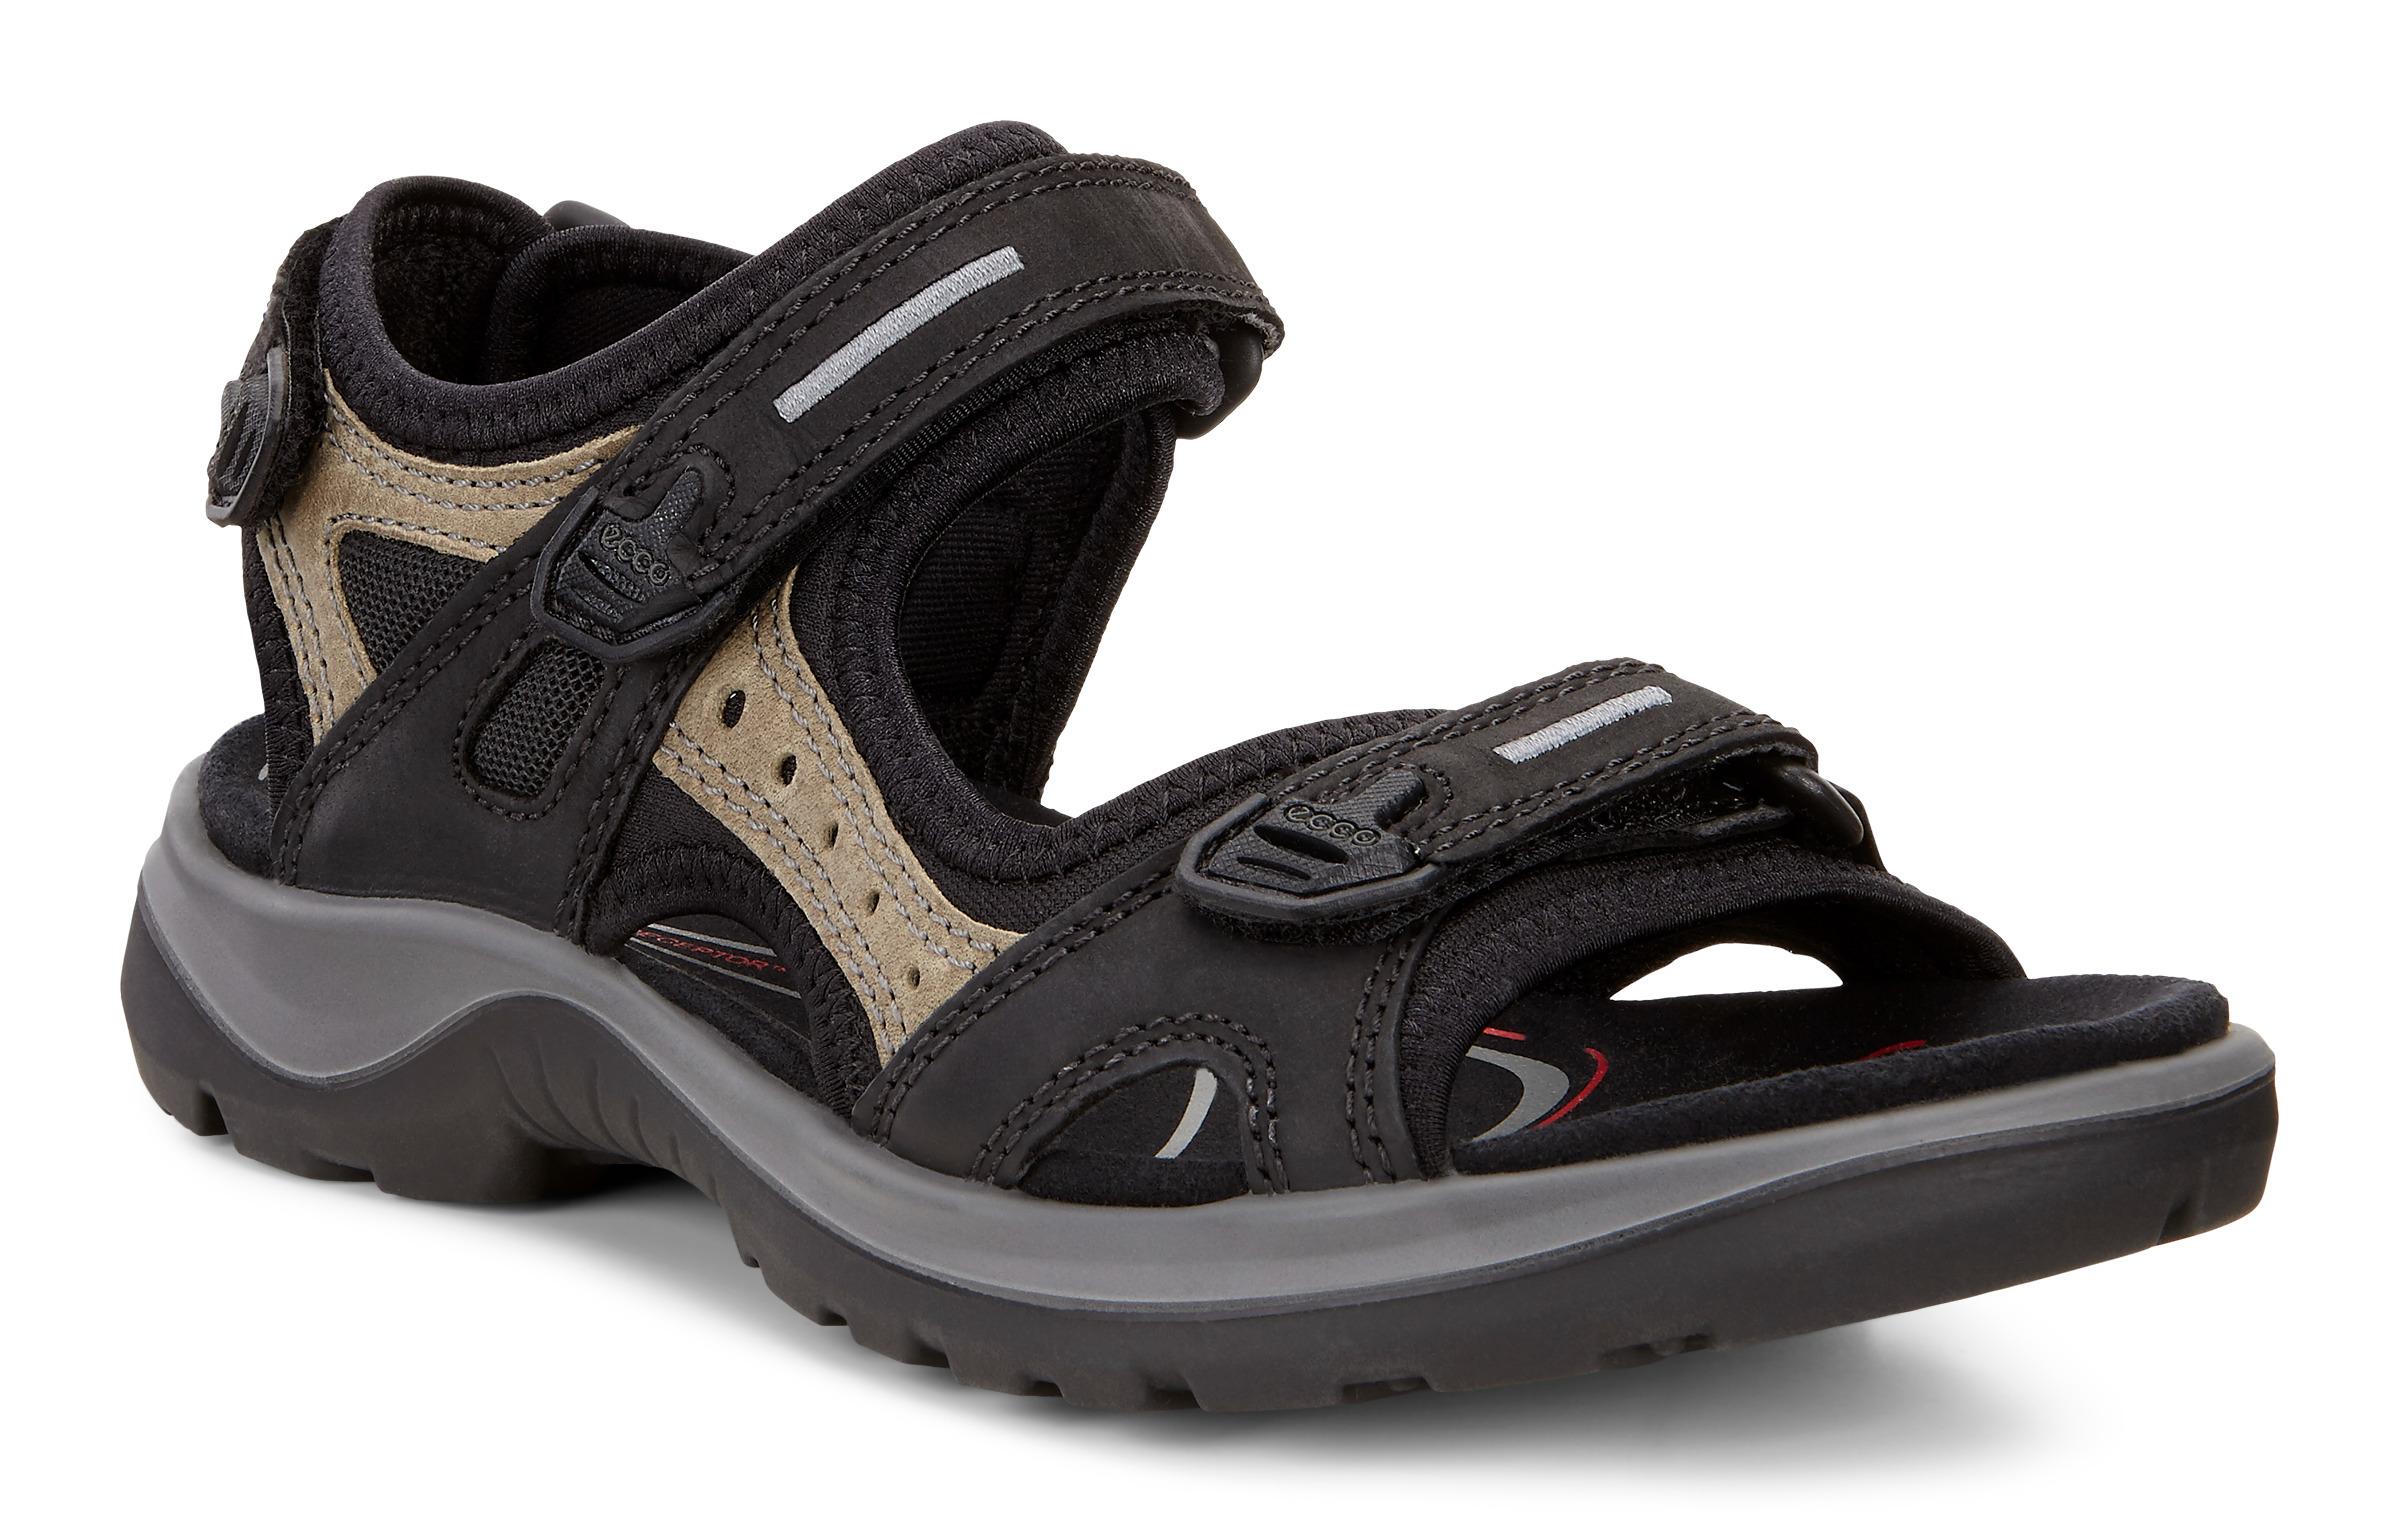 Ecco Offroad Sandales De Marche Femme